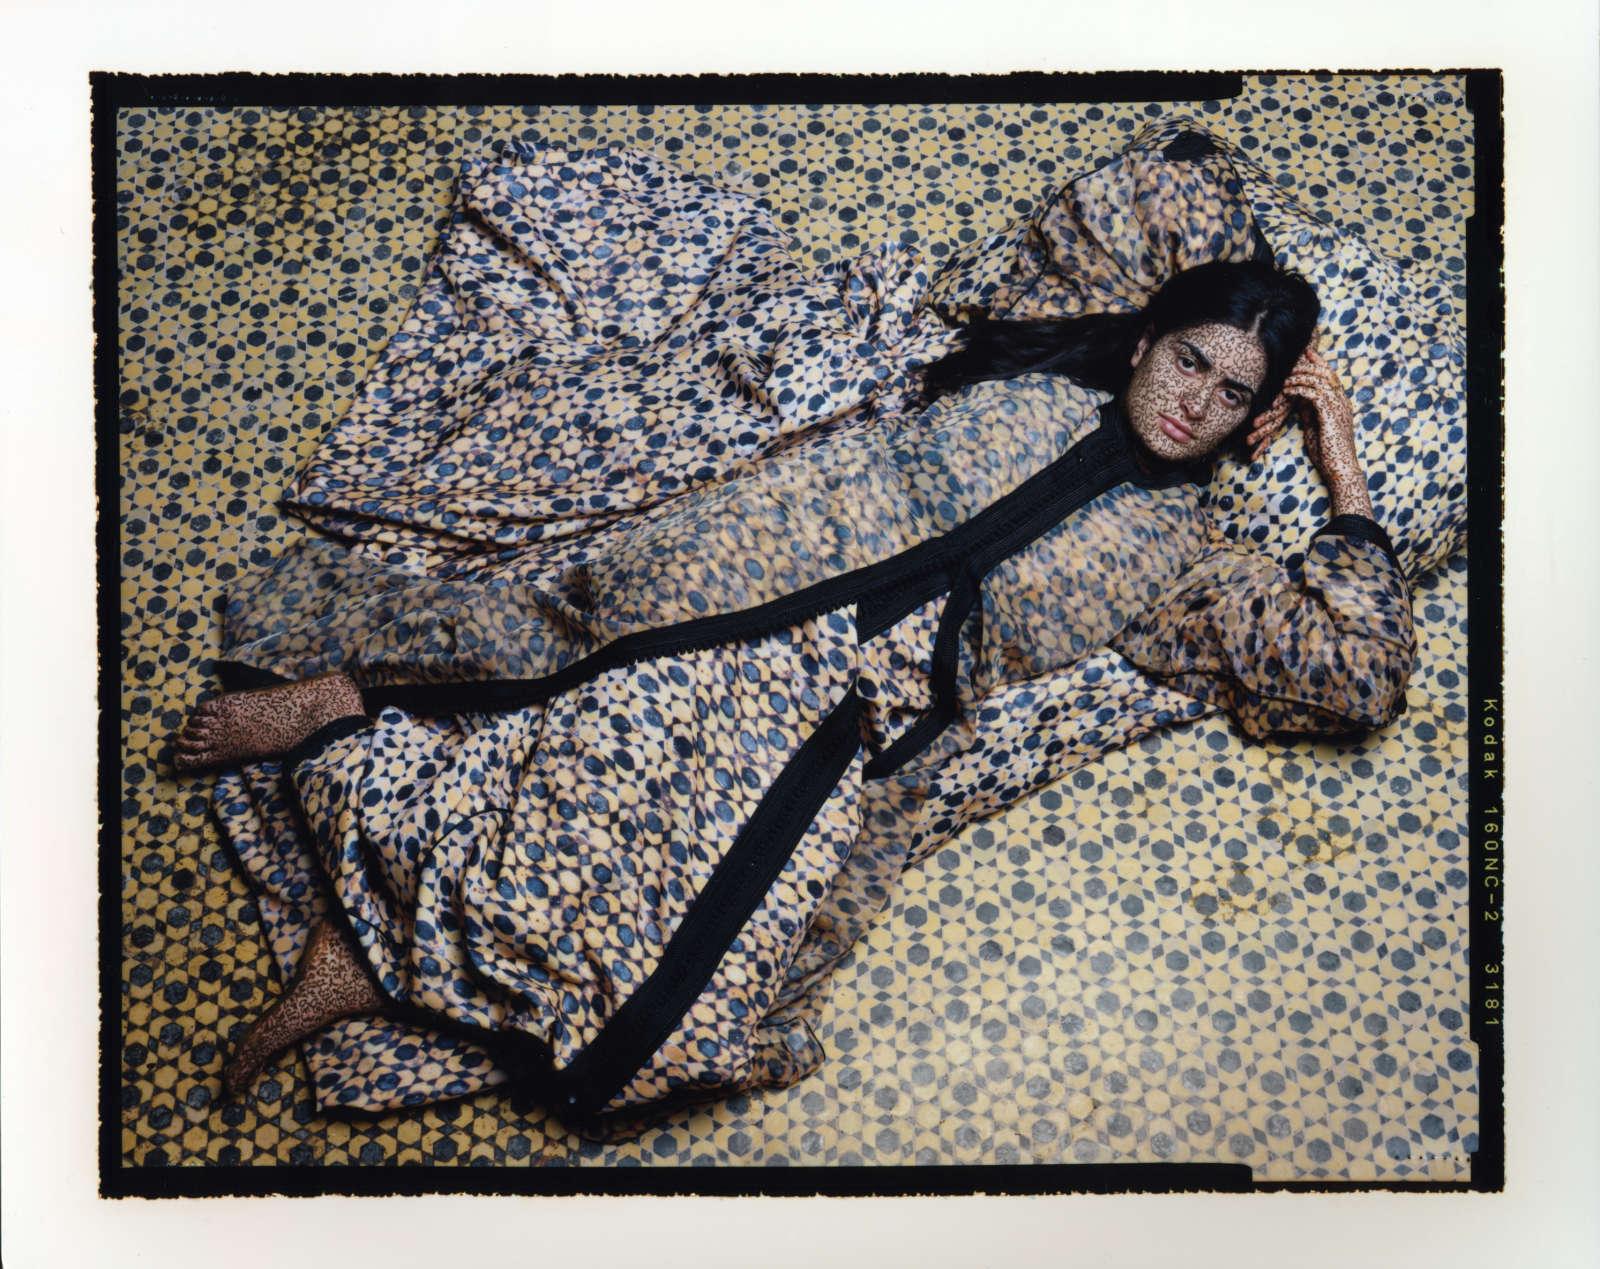 Harem # 10, 2009